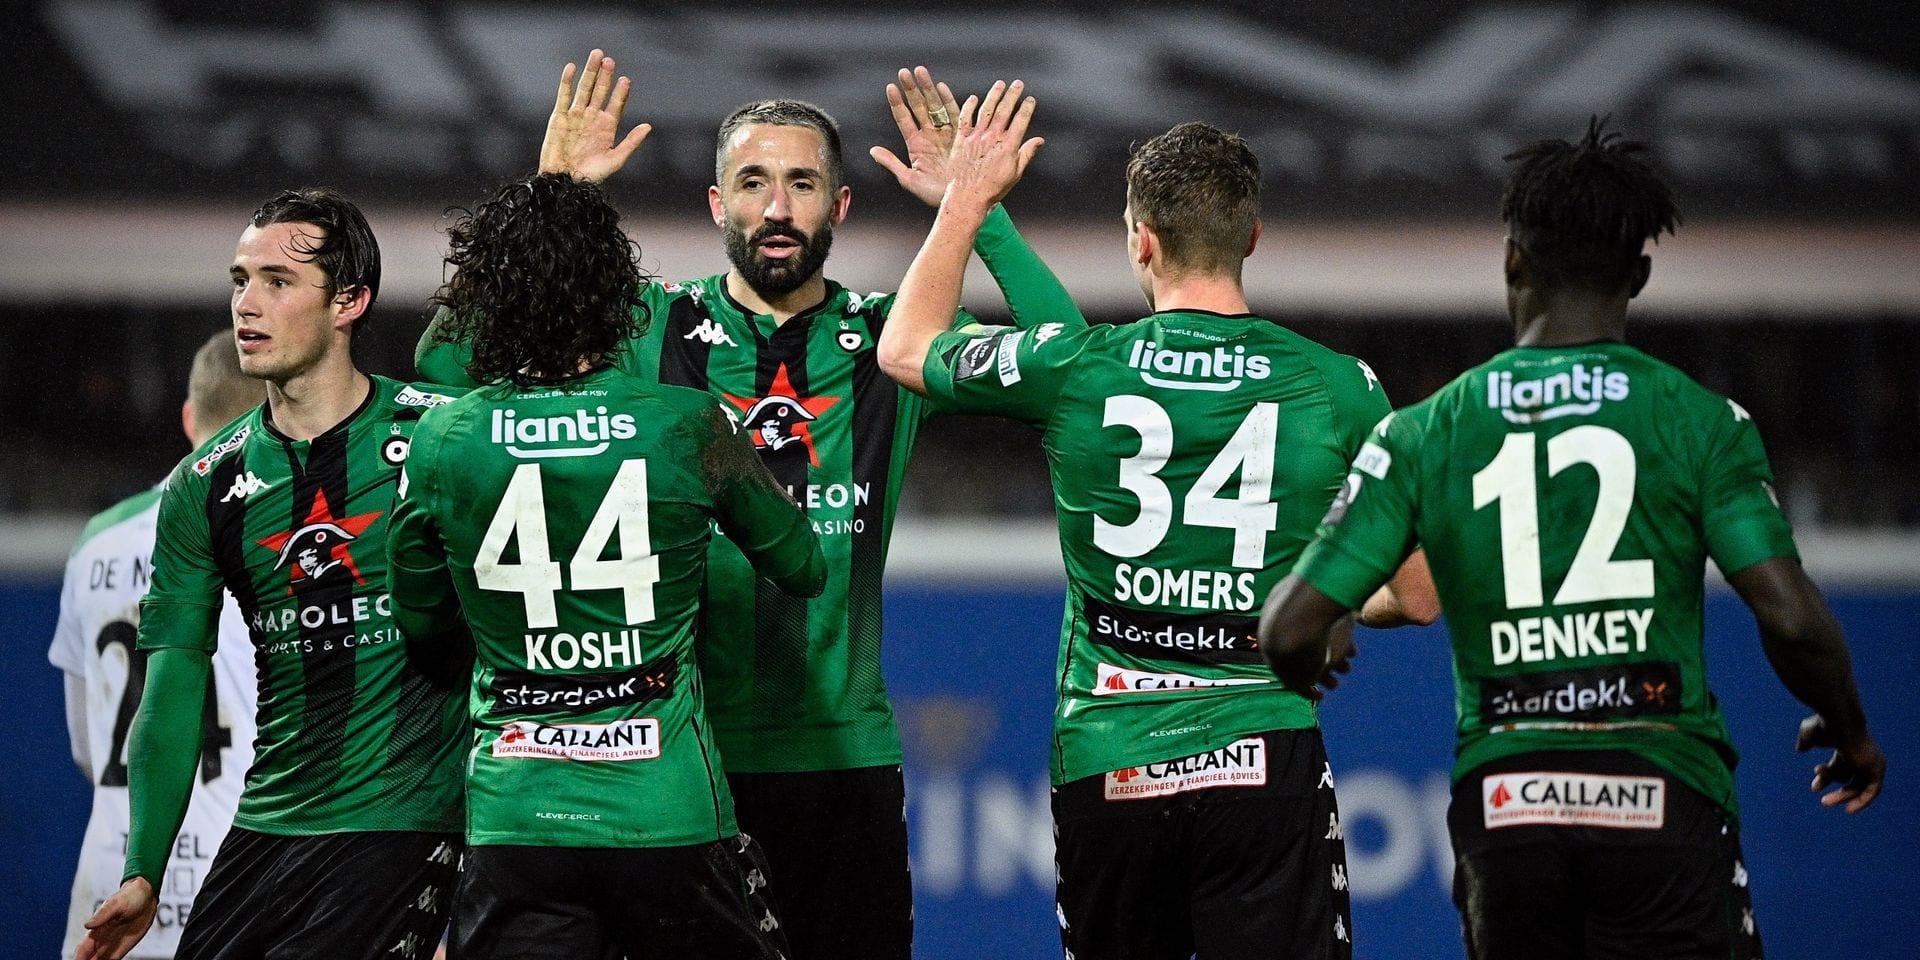 Coupe de Belgique: Le Cercle surprend OHL, La Gantoise met un terme au parcours d'Heur-Tongres